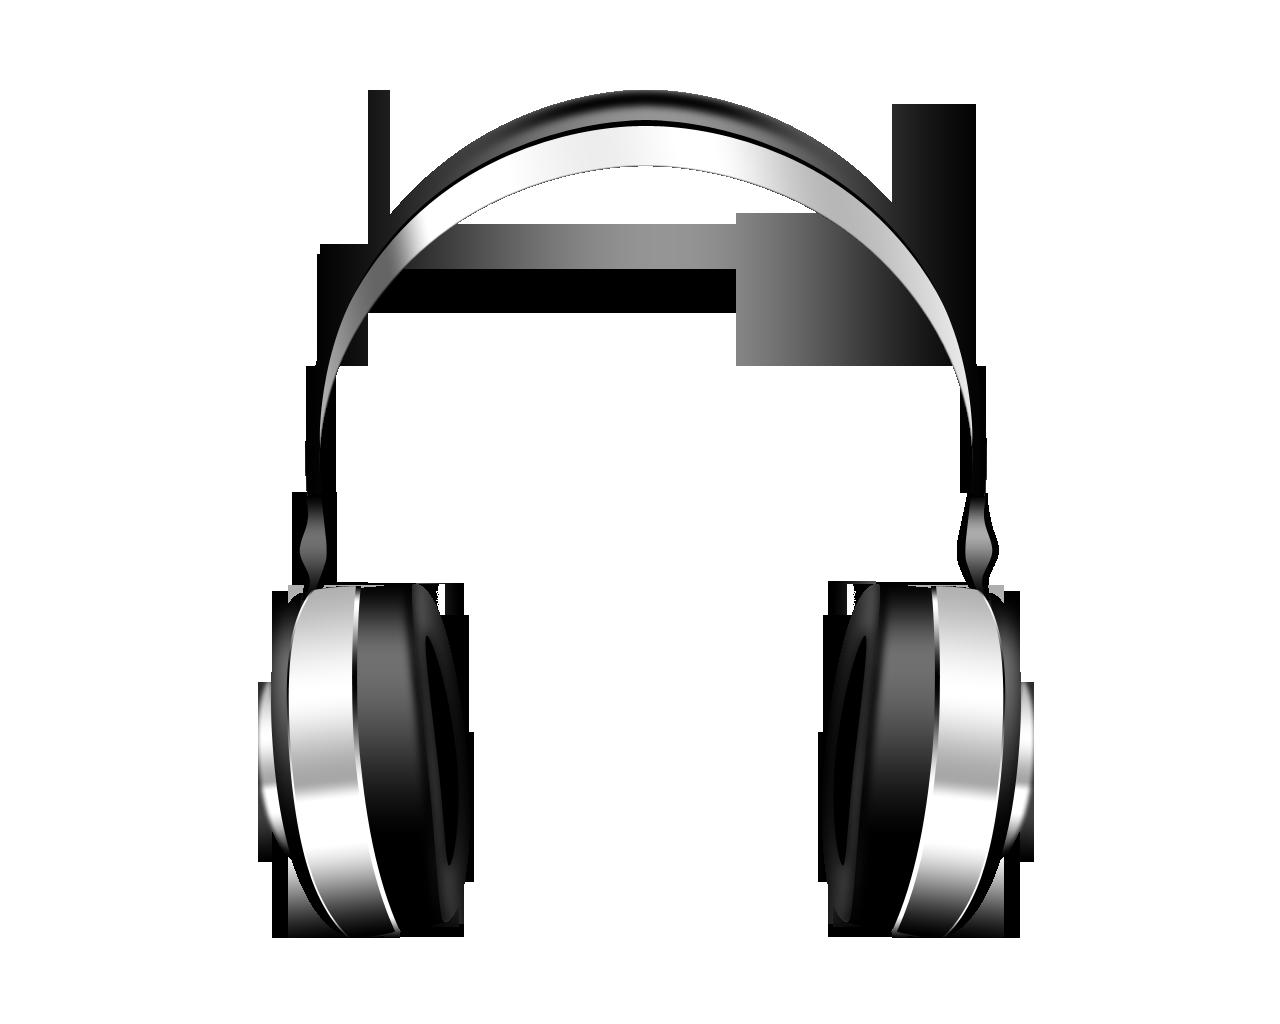 Resultat De Recherche D Images Pour Headphones Auriculares Dj Audifonos